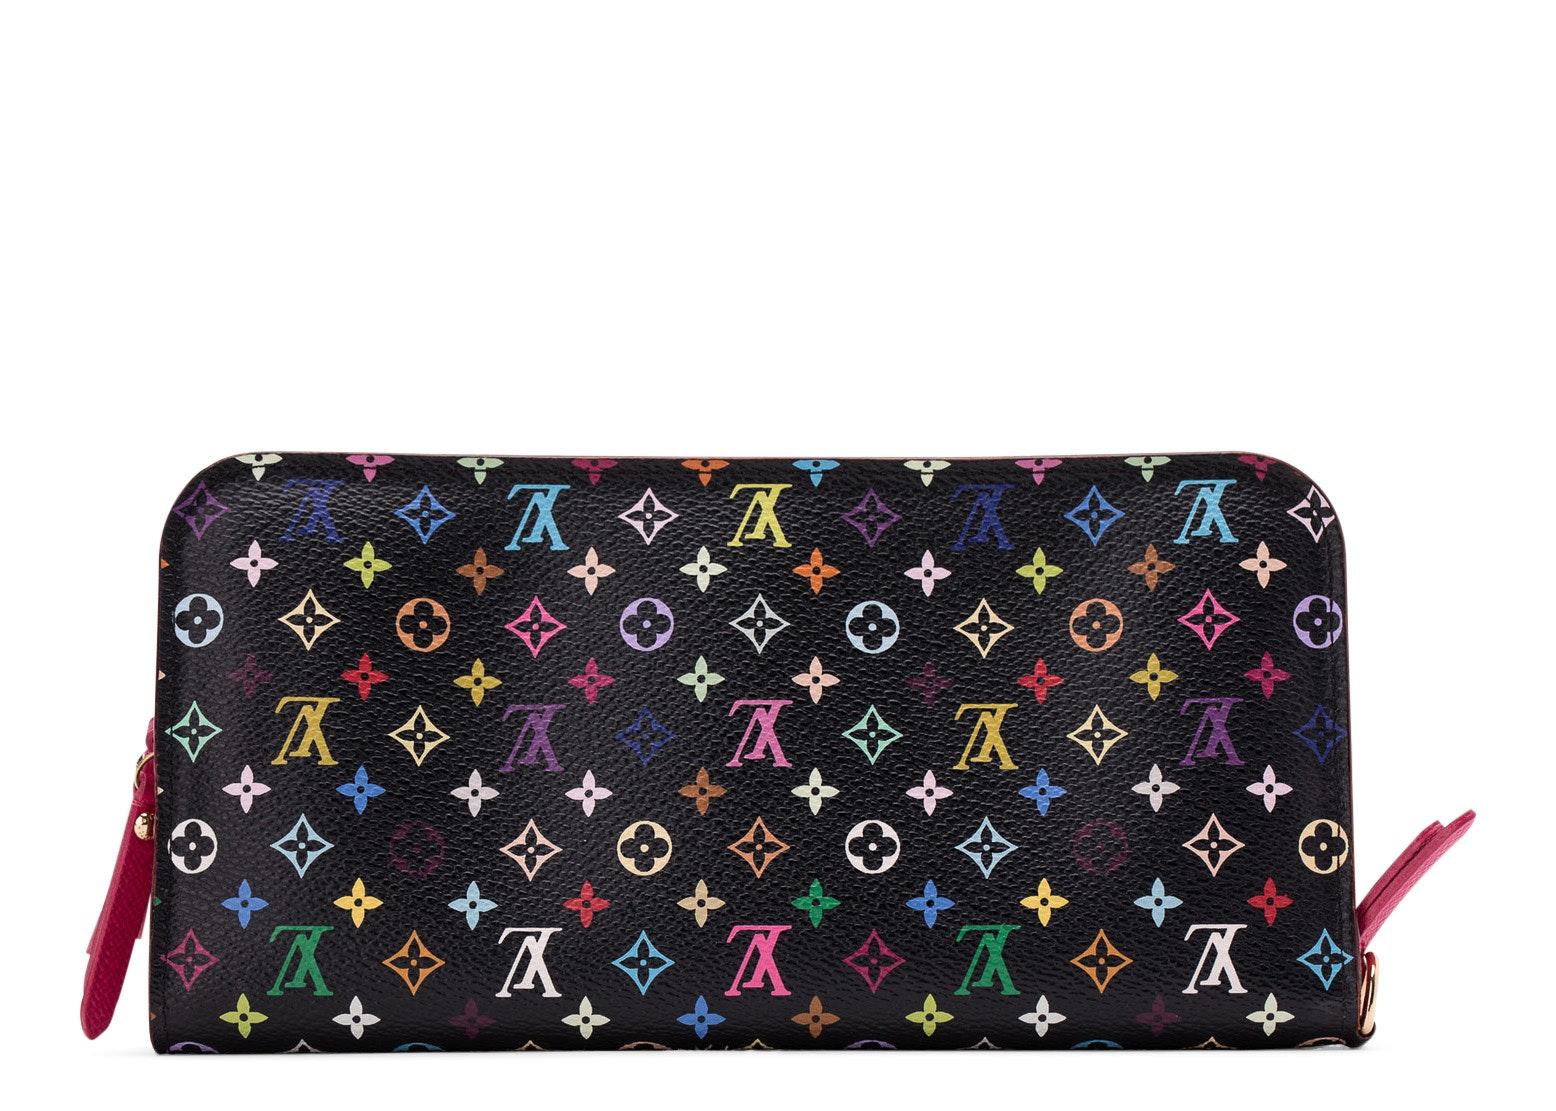 Louis Vuitton Insolite Wallet Monogram Multicolore Grenade Black